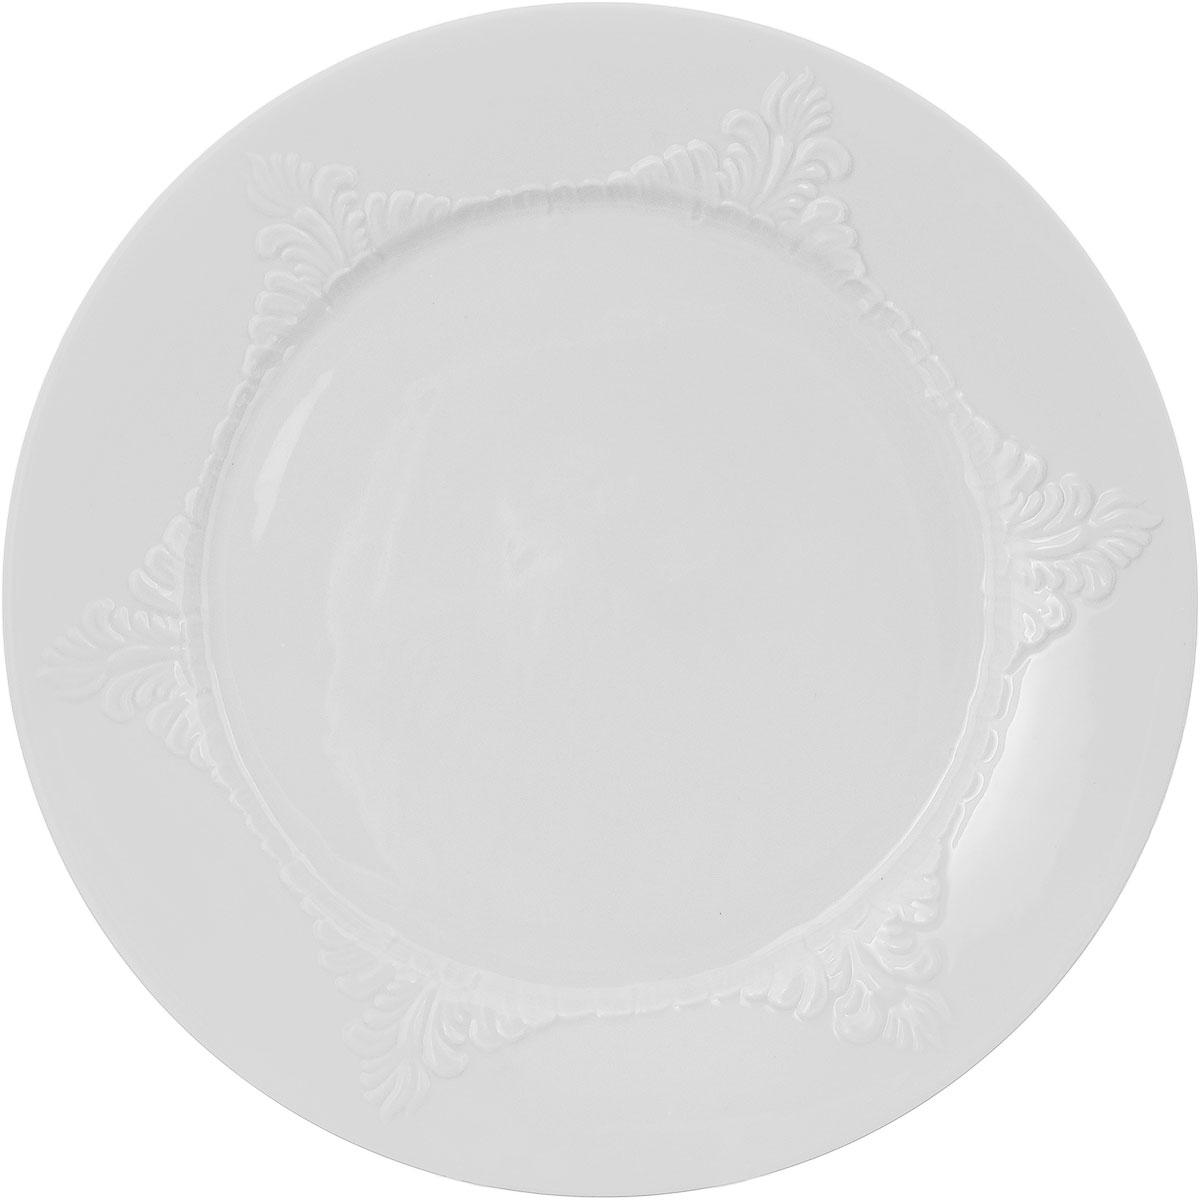 Тарелка Фарфор Вербилок, диаметр 24 см. 1658001Б1303775Тарелка Фарфор Вербилок, изготовленная из высококачественного фарфора, имеет классическую круглую форму. Она прекрасно впишется в интерьер вашей кухни и станет достойным дополнением к кухонному инвентарю. Тарелка Фарфор Вербилок подчеркнет прекрасный вкус хозяйки и станет отличным подарком.Диаметр тарелки (по верхнему краю): 24 см.